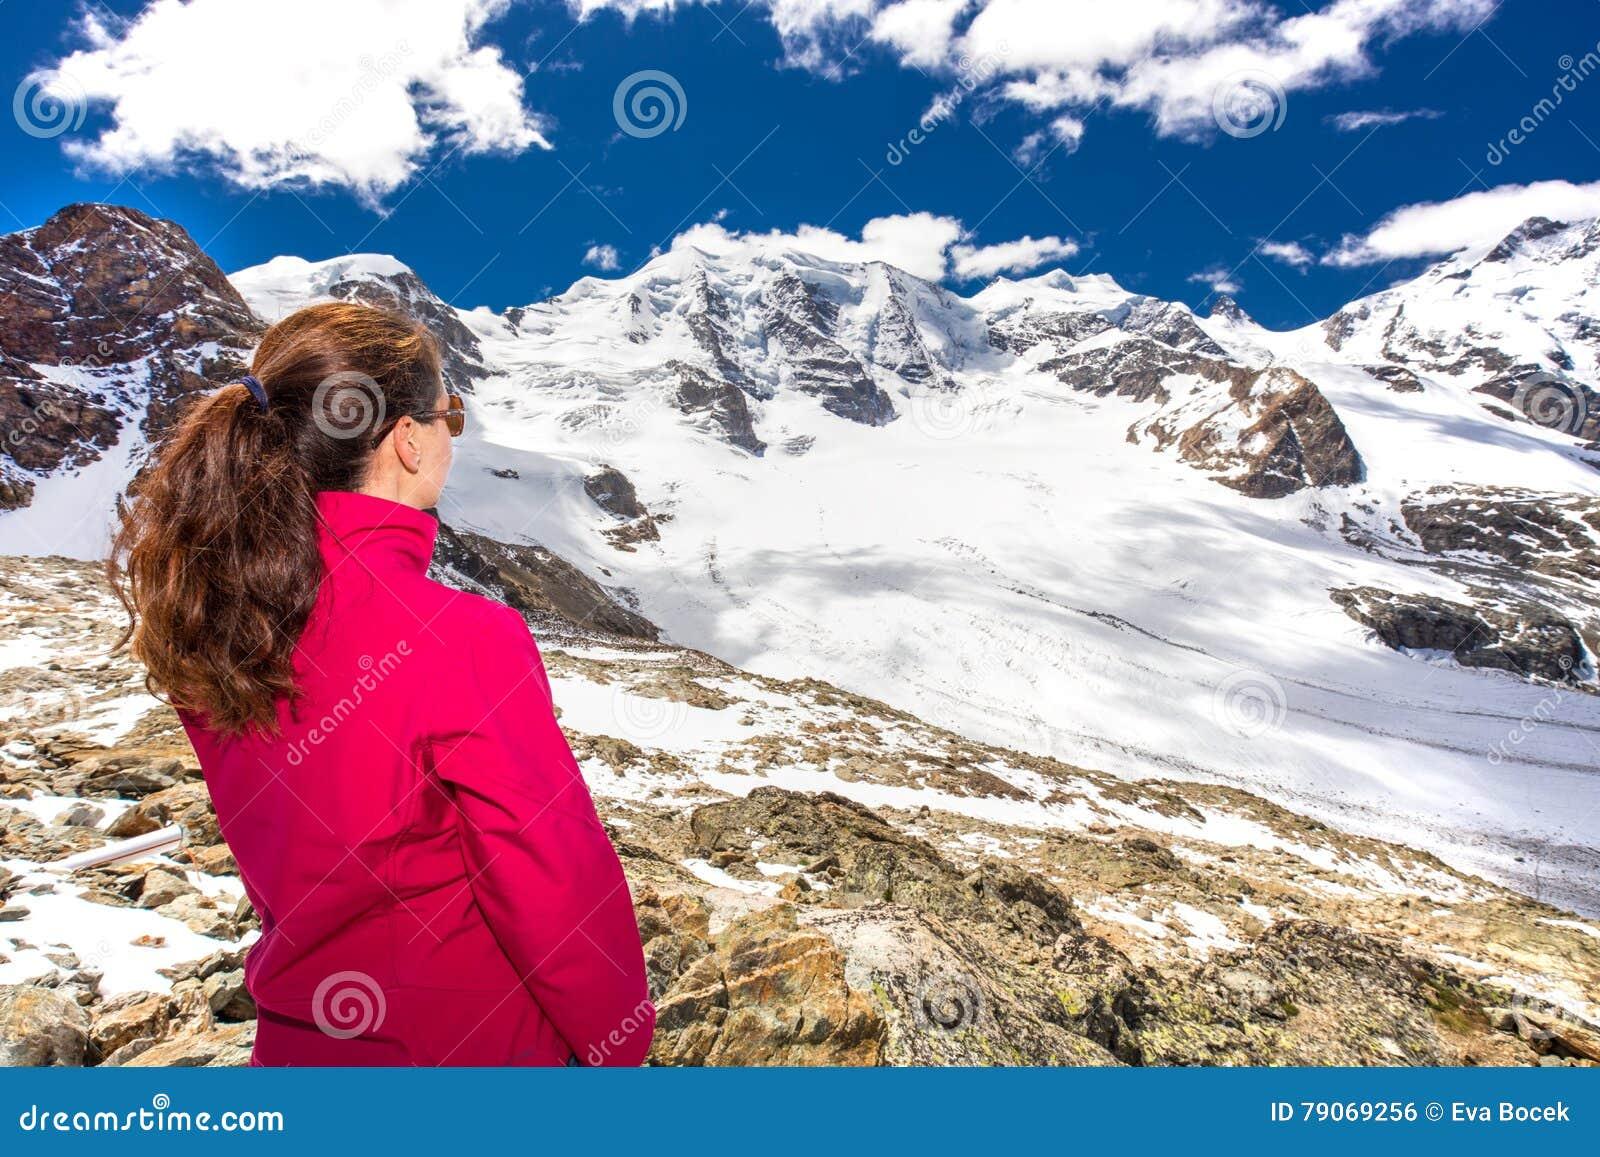 Młoda atrakcyjna kobieta cieszy się oszałamiająco widok Morteratsch